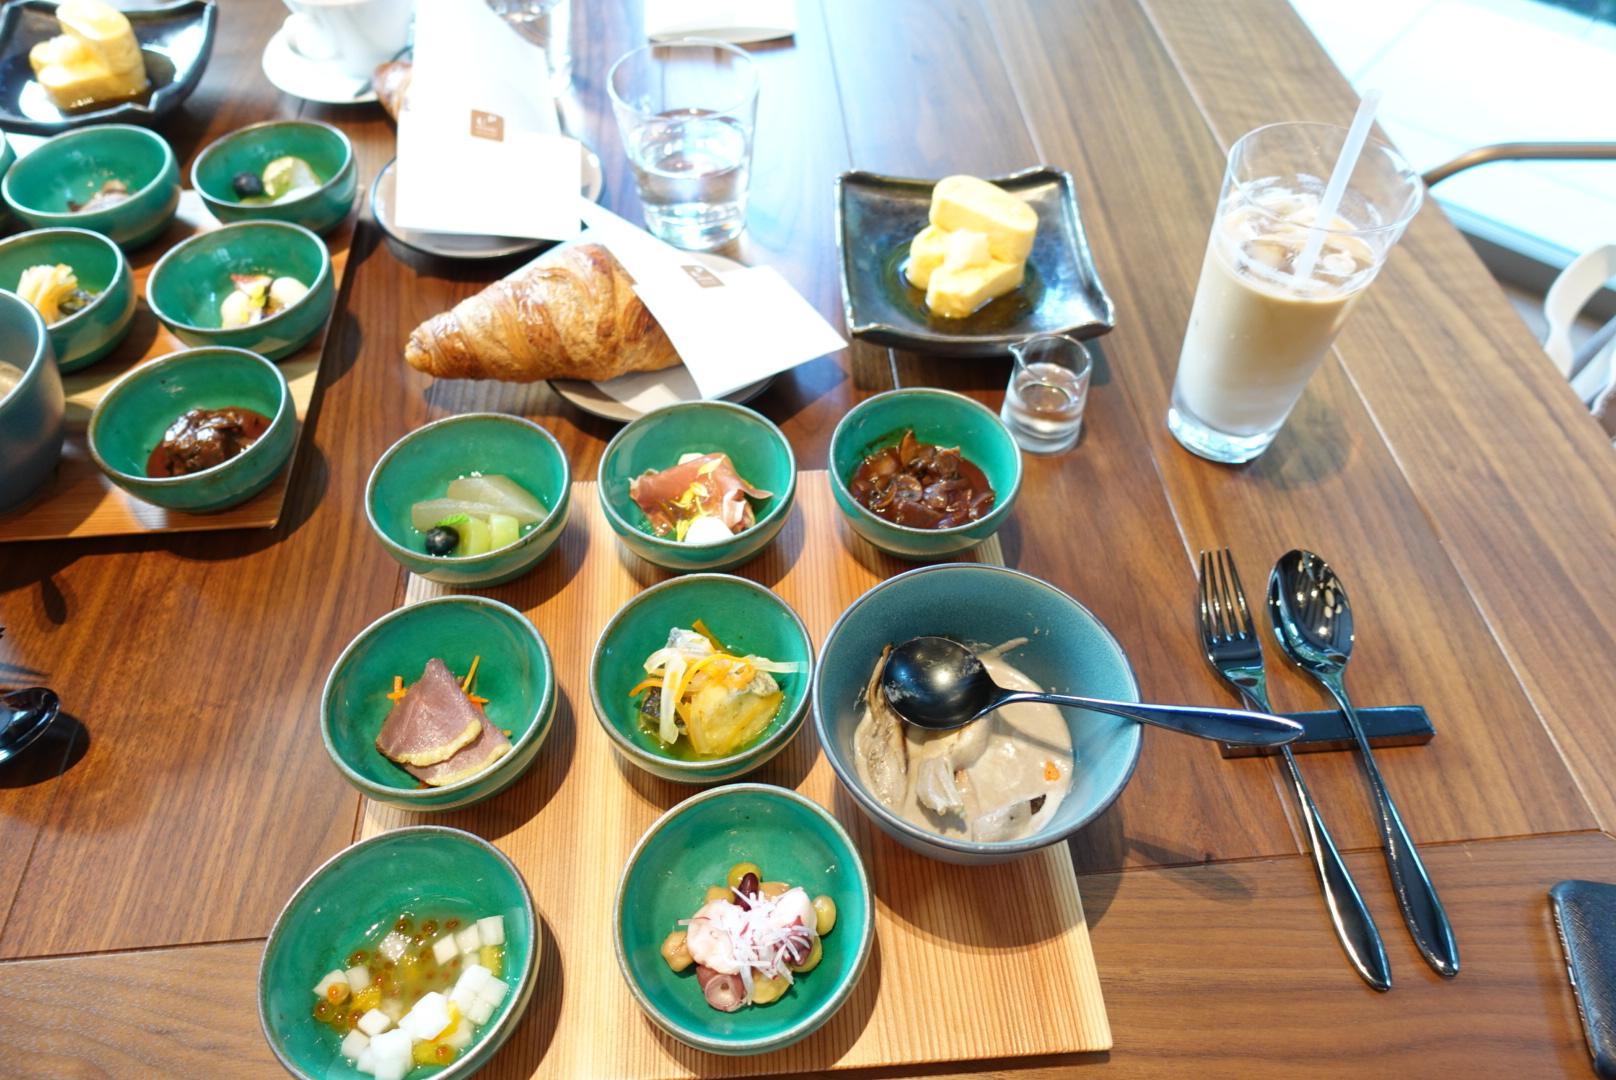 2020年7月にNew OpenしたZentis OSAKAに宿泊してみたらスタイリッシュかつ朝食が美味しい!?_6